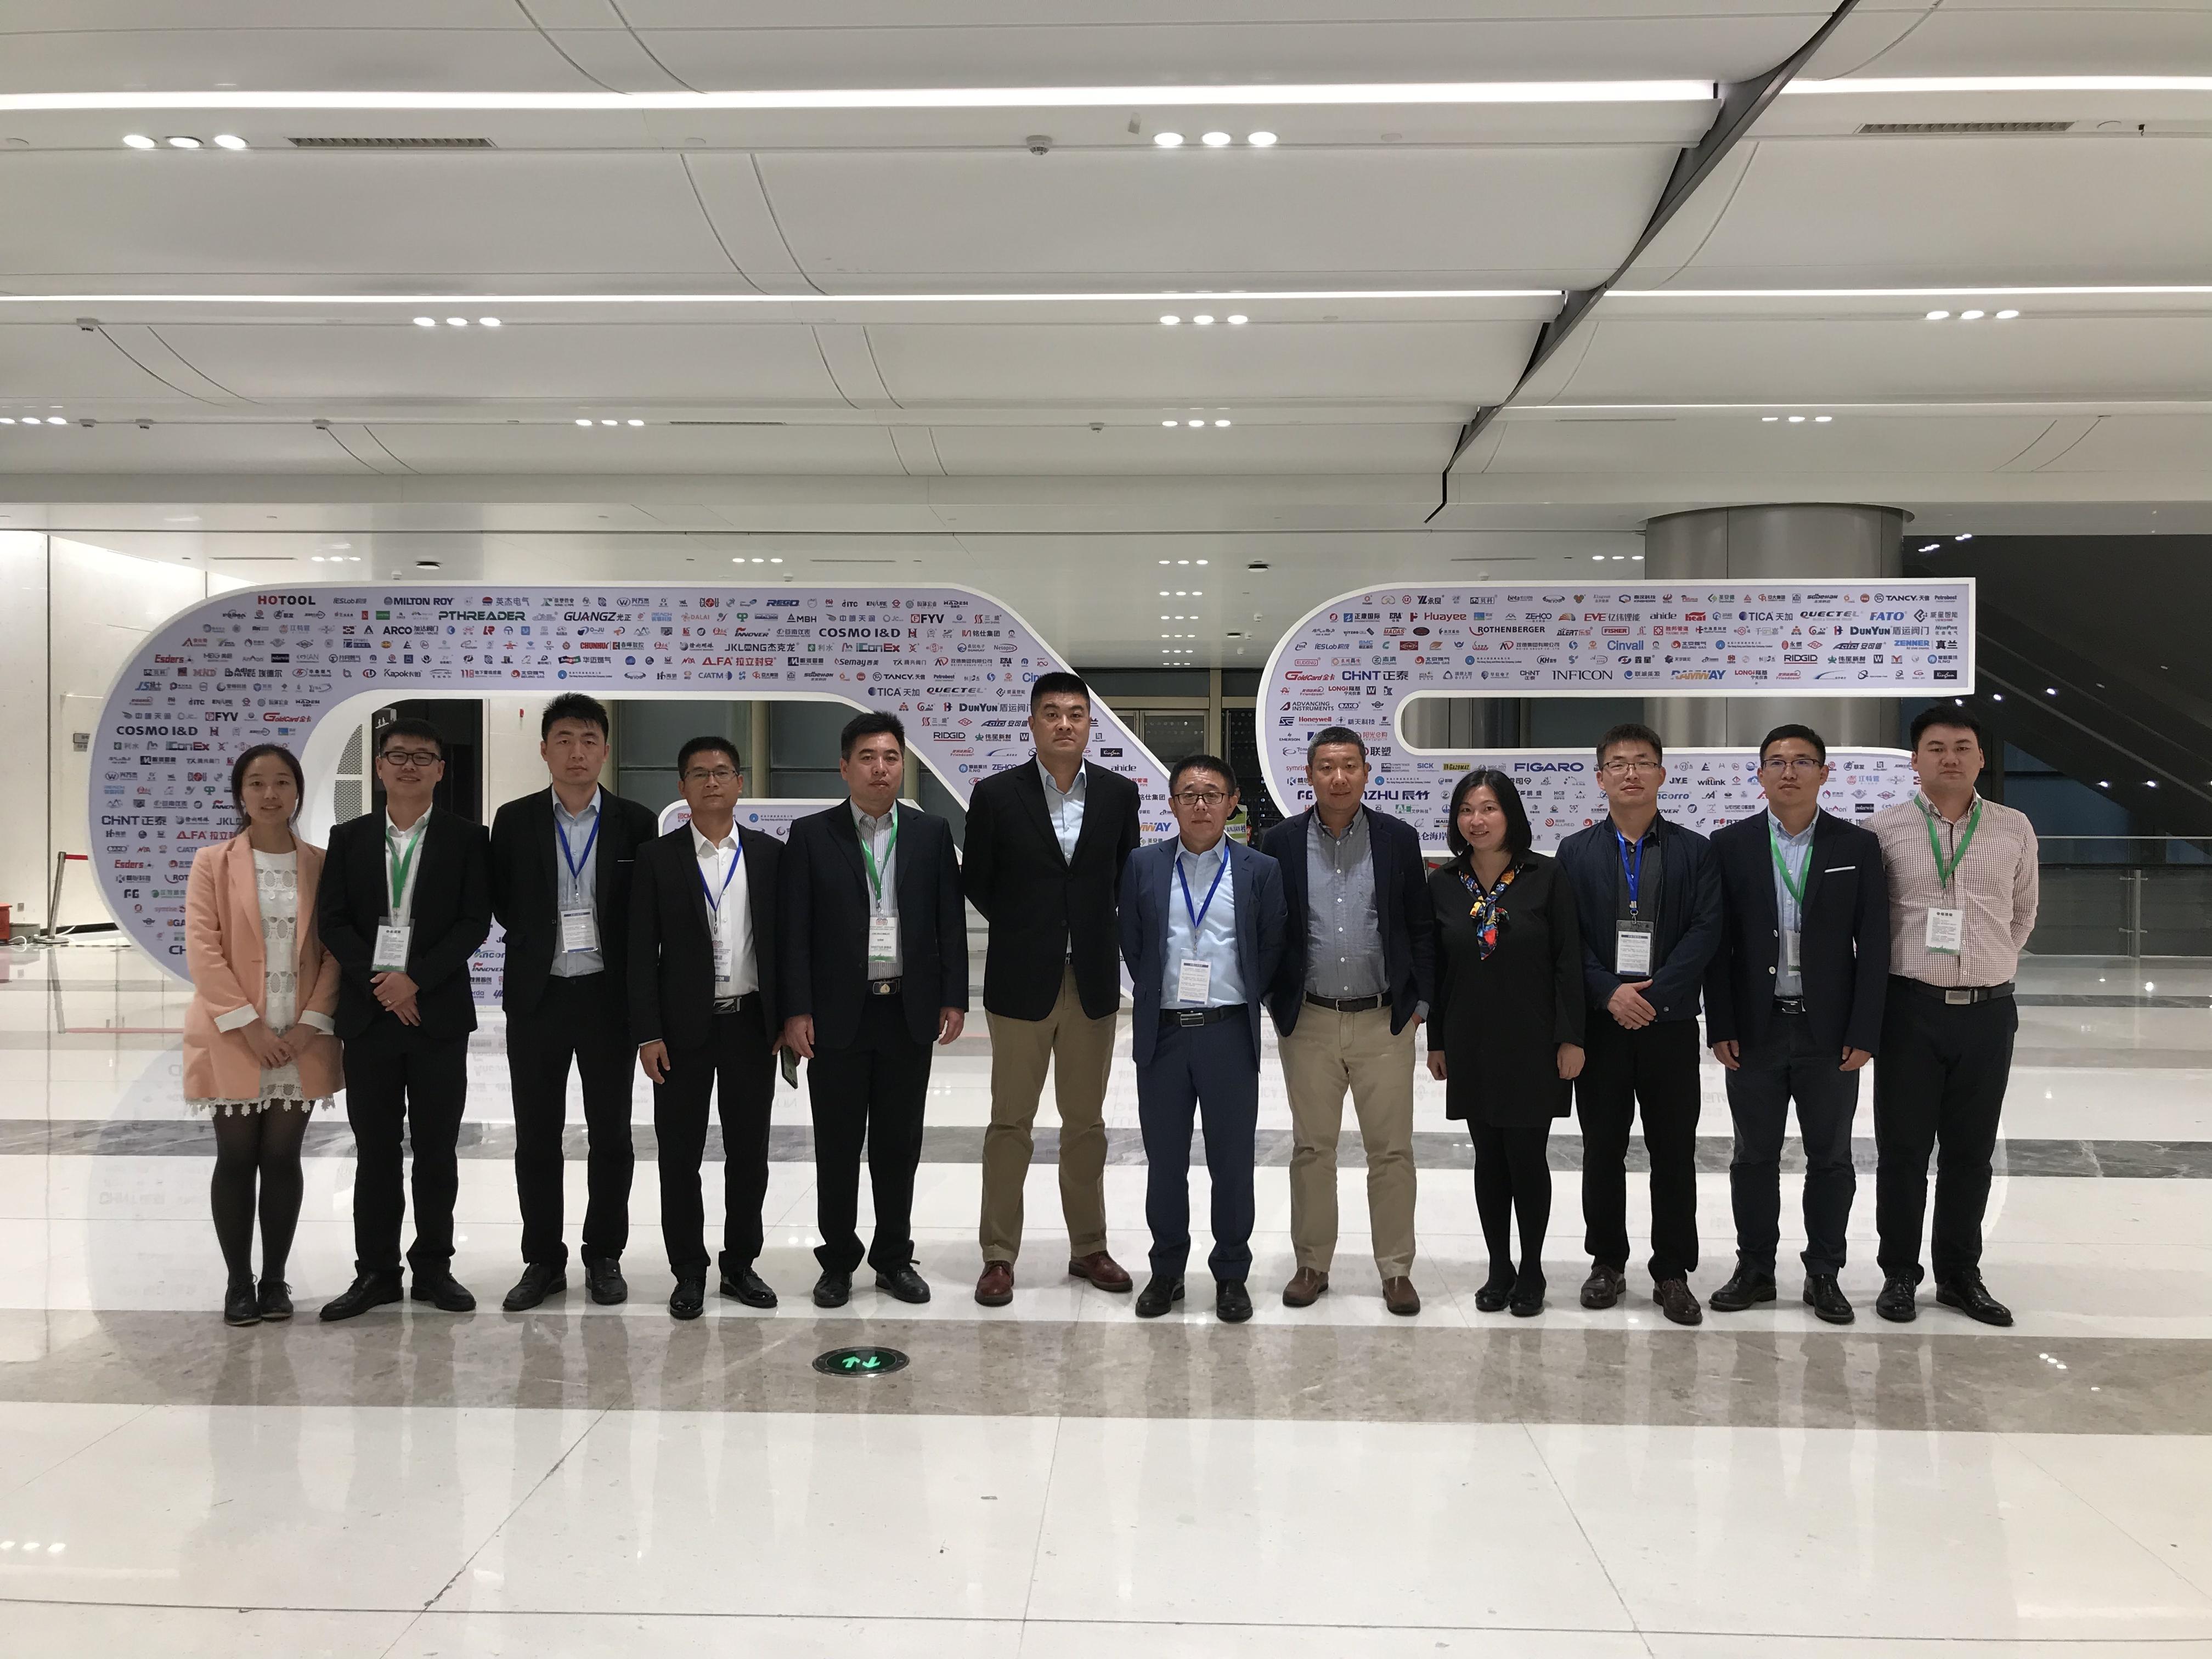 匯菲升級版天然氣STC無臭加注服務 GAS CHINA令人矚目